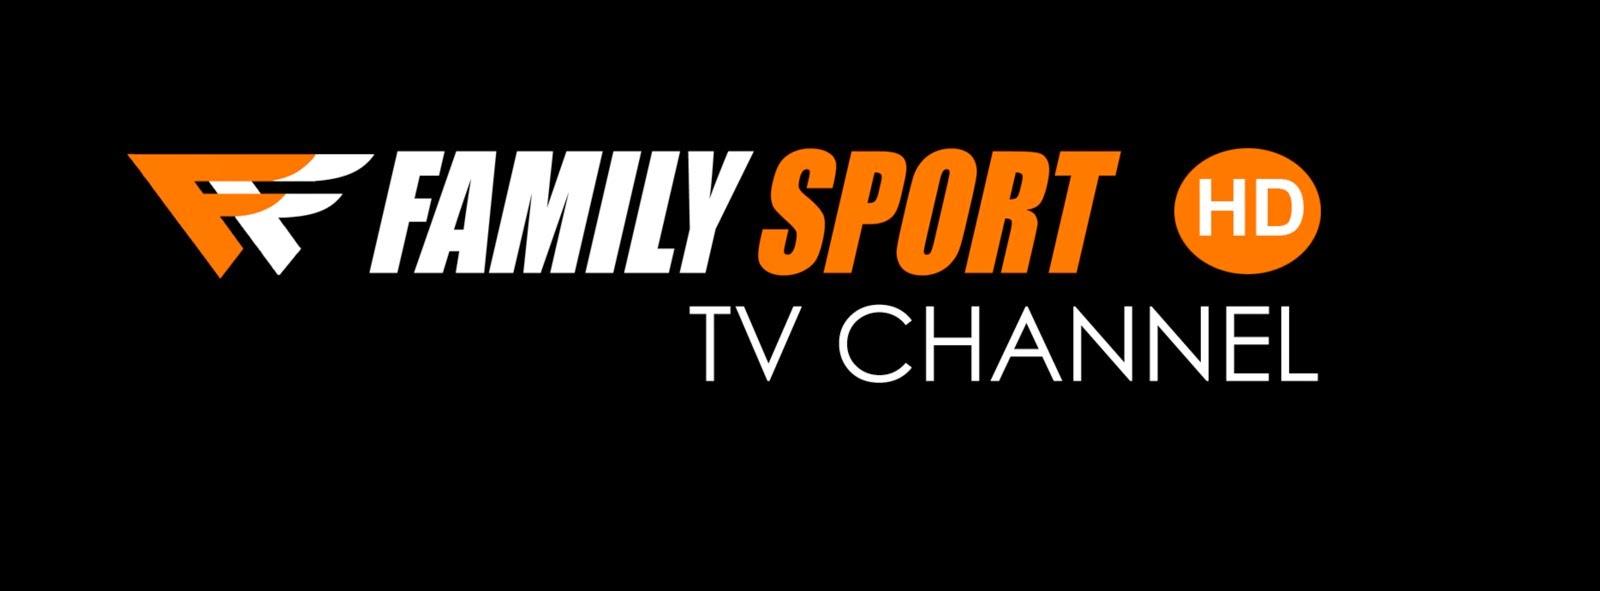 FAMILY SPORT HD